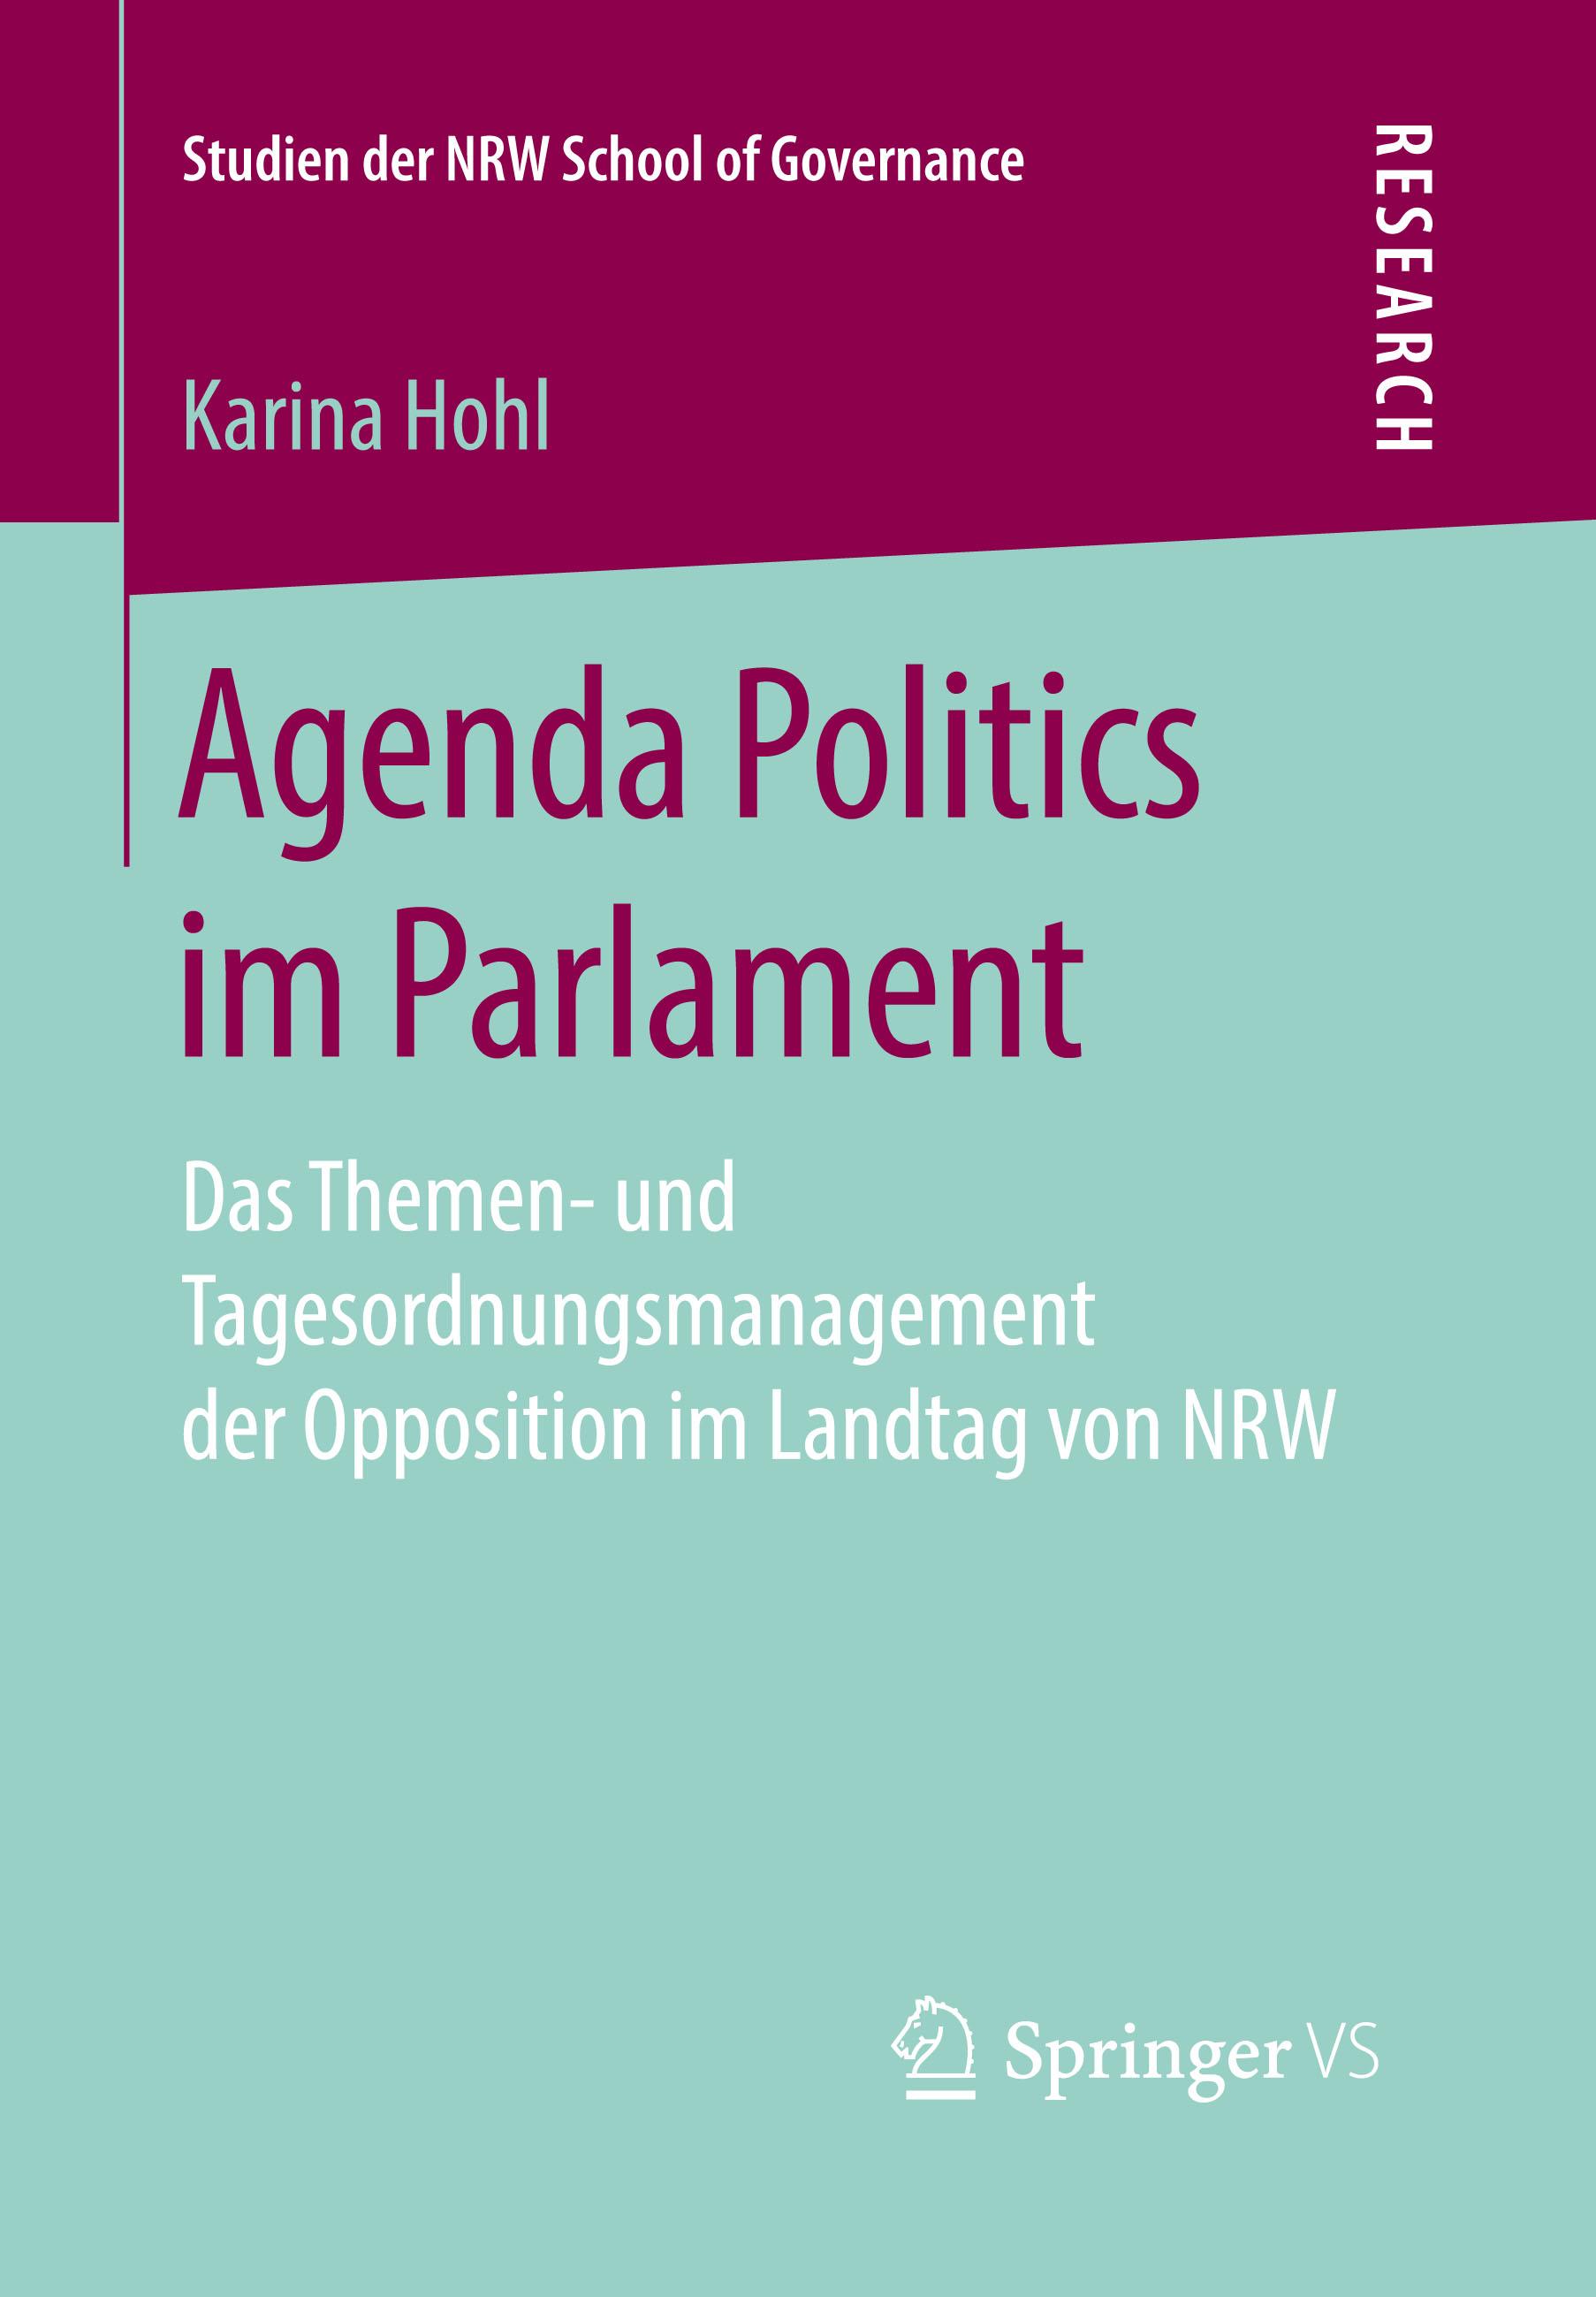 Agenda Politics im Parlament (Karina Hohl)